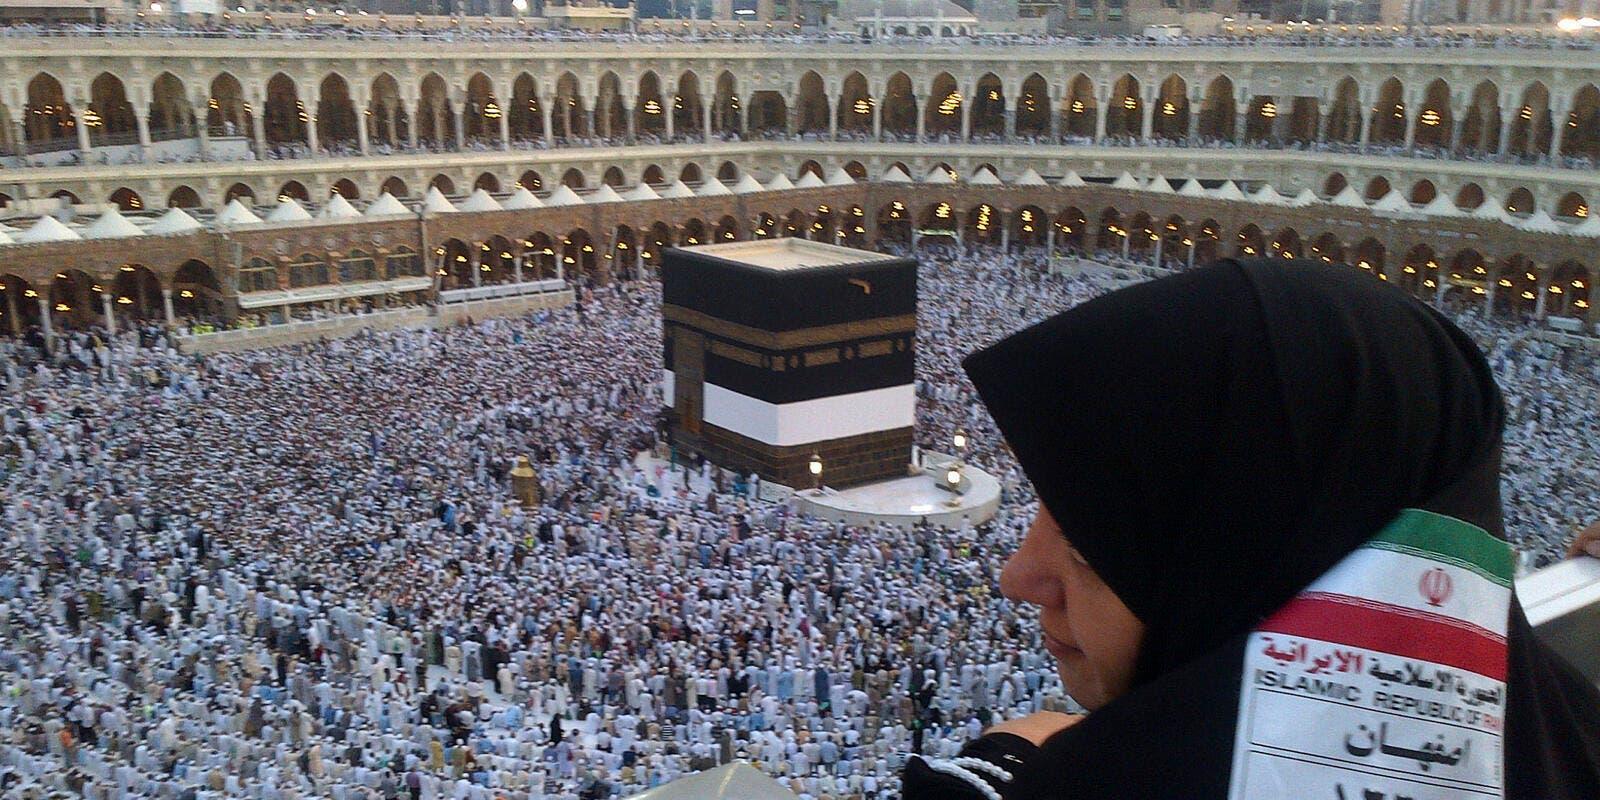 السعودية تمنع دخول مواطني دول مجلس التعاون الى مكة والمدينة